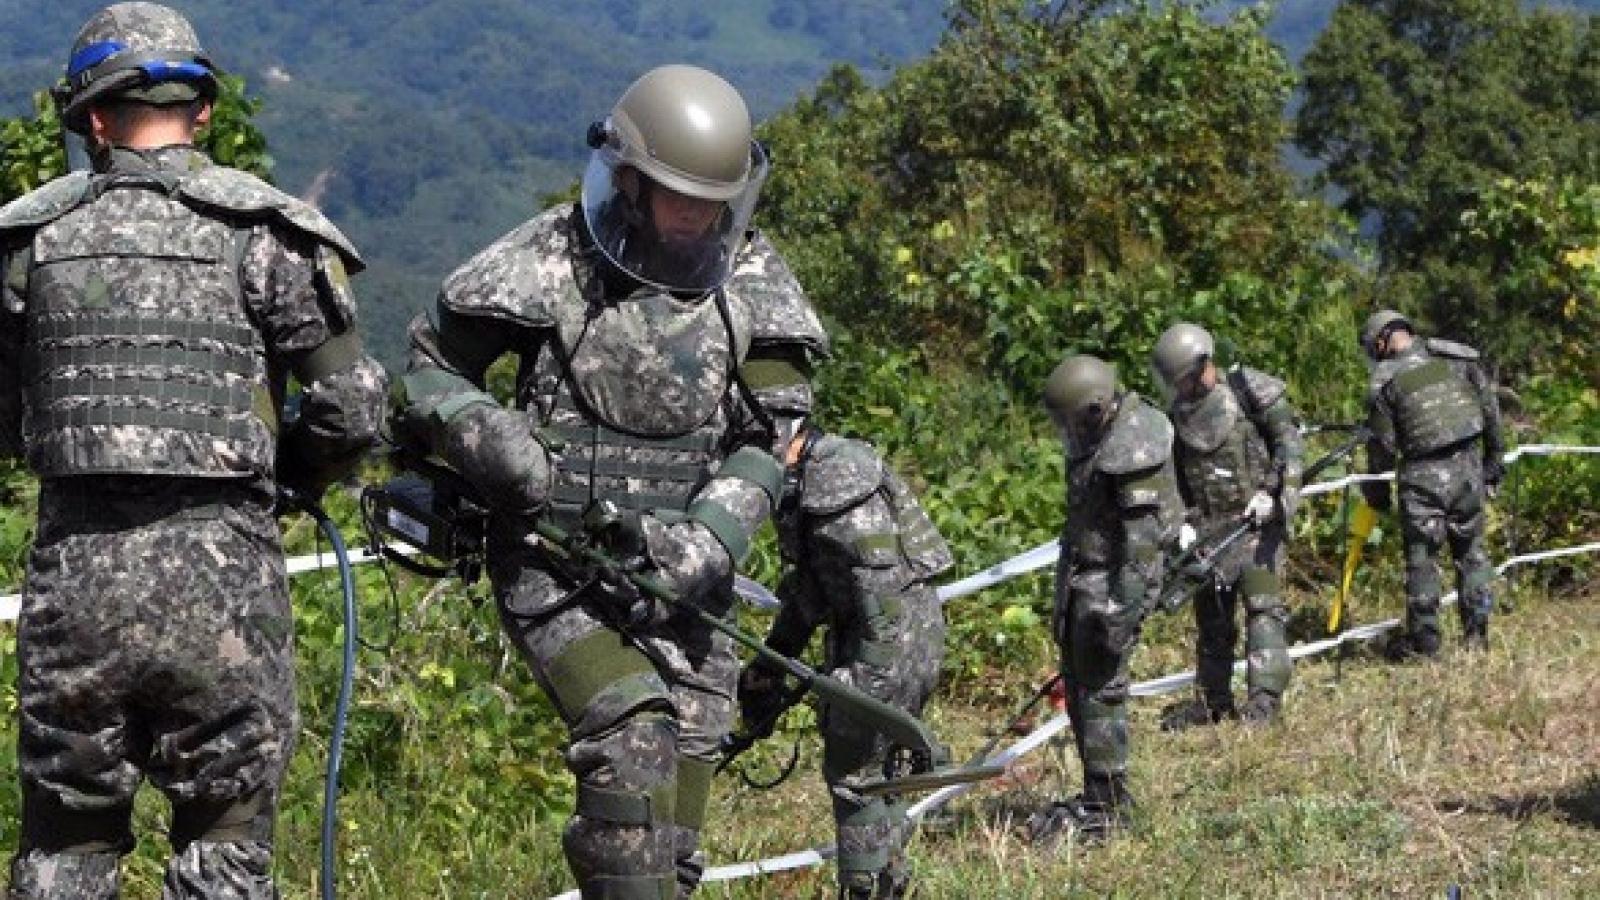 Hàn Quốc và Triều Tiên đấu súng: Bán đảo Triều Tiên tăng nhiệt trở lại